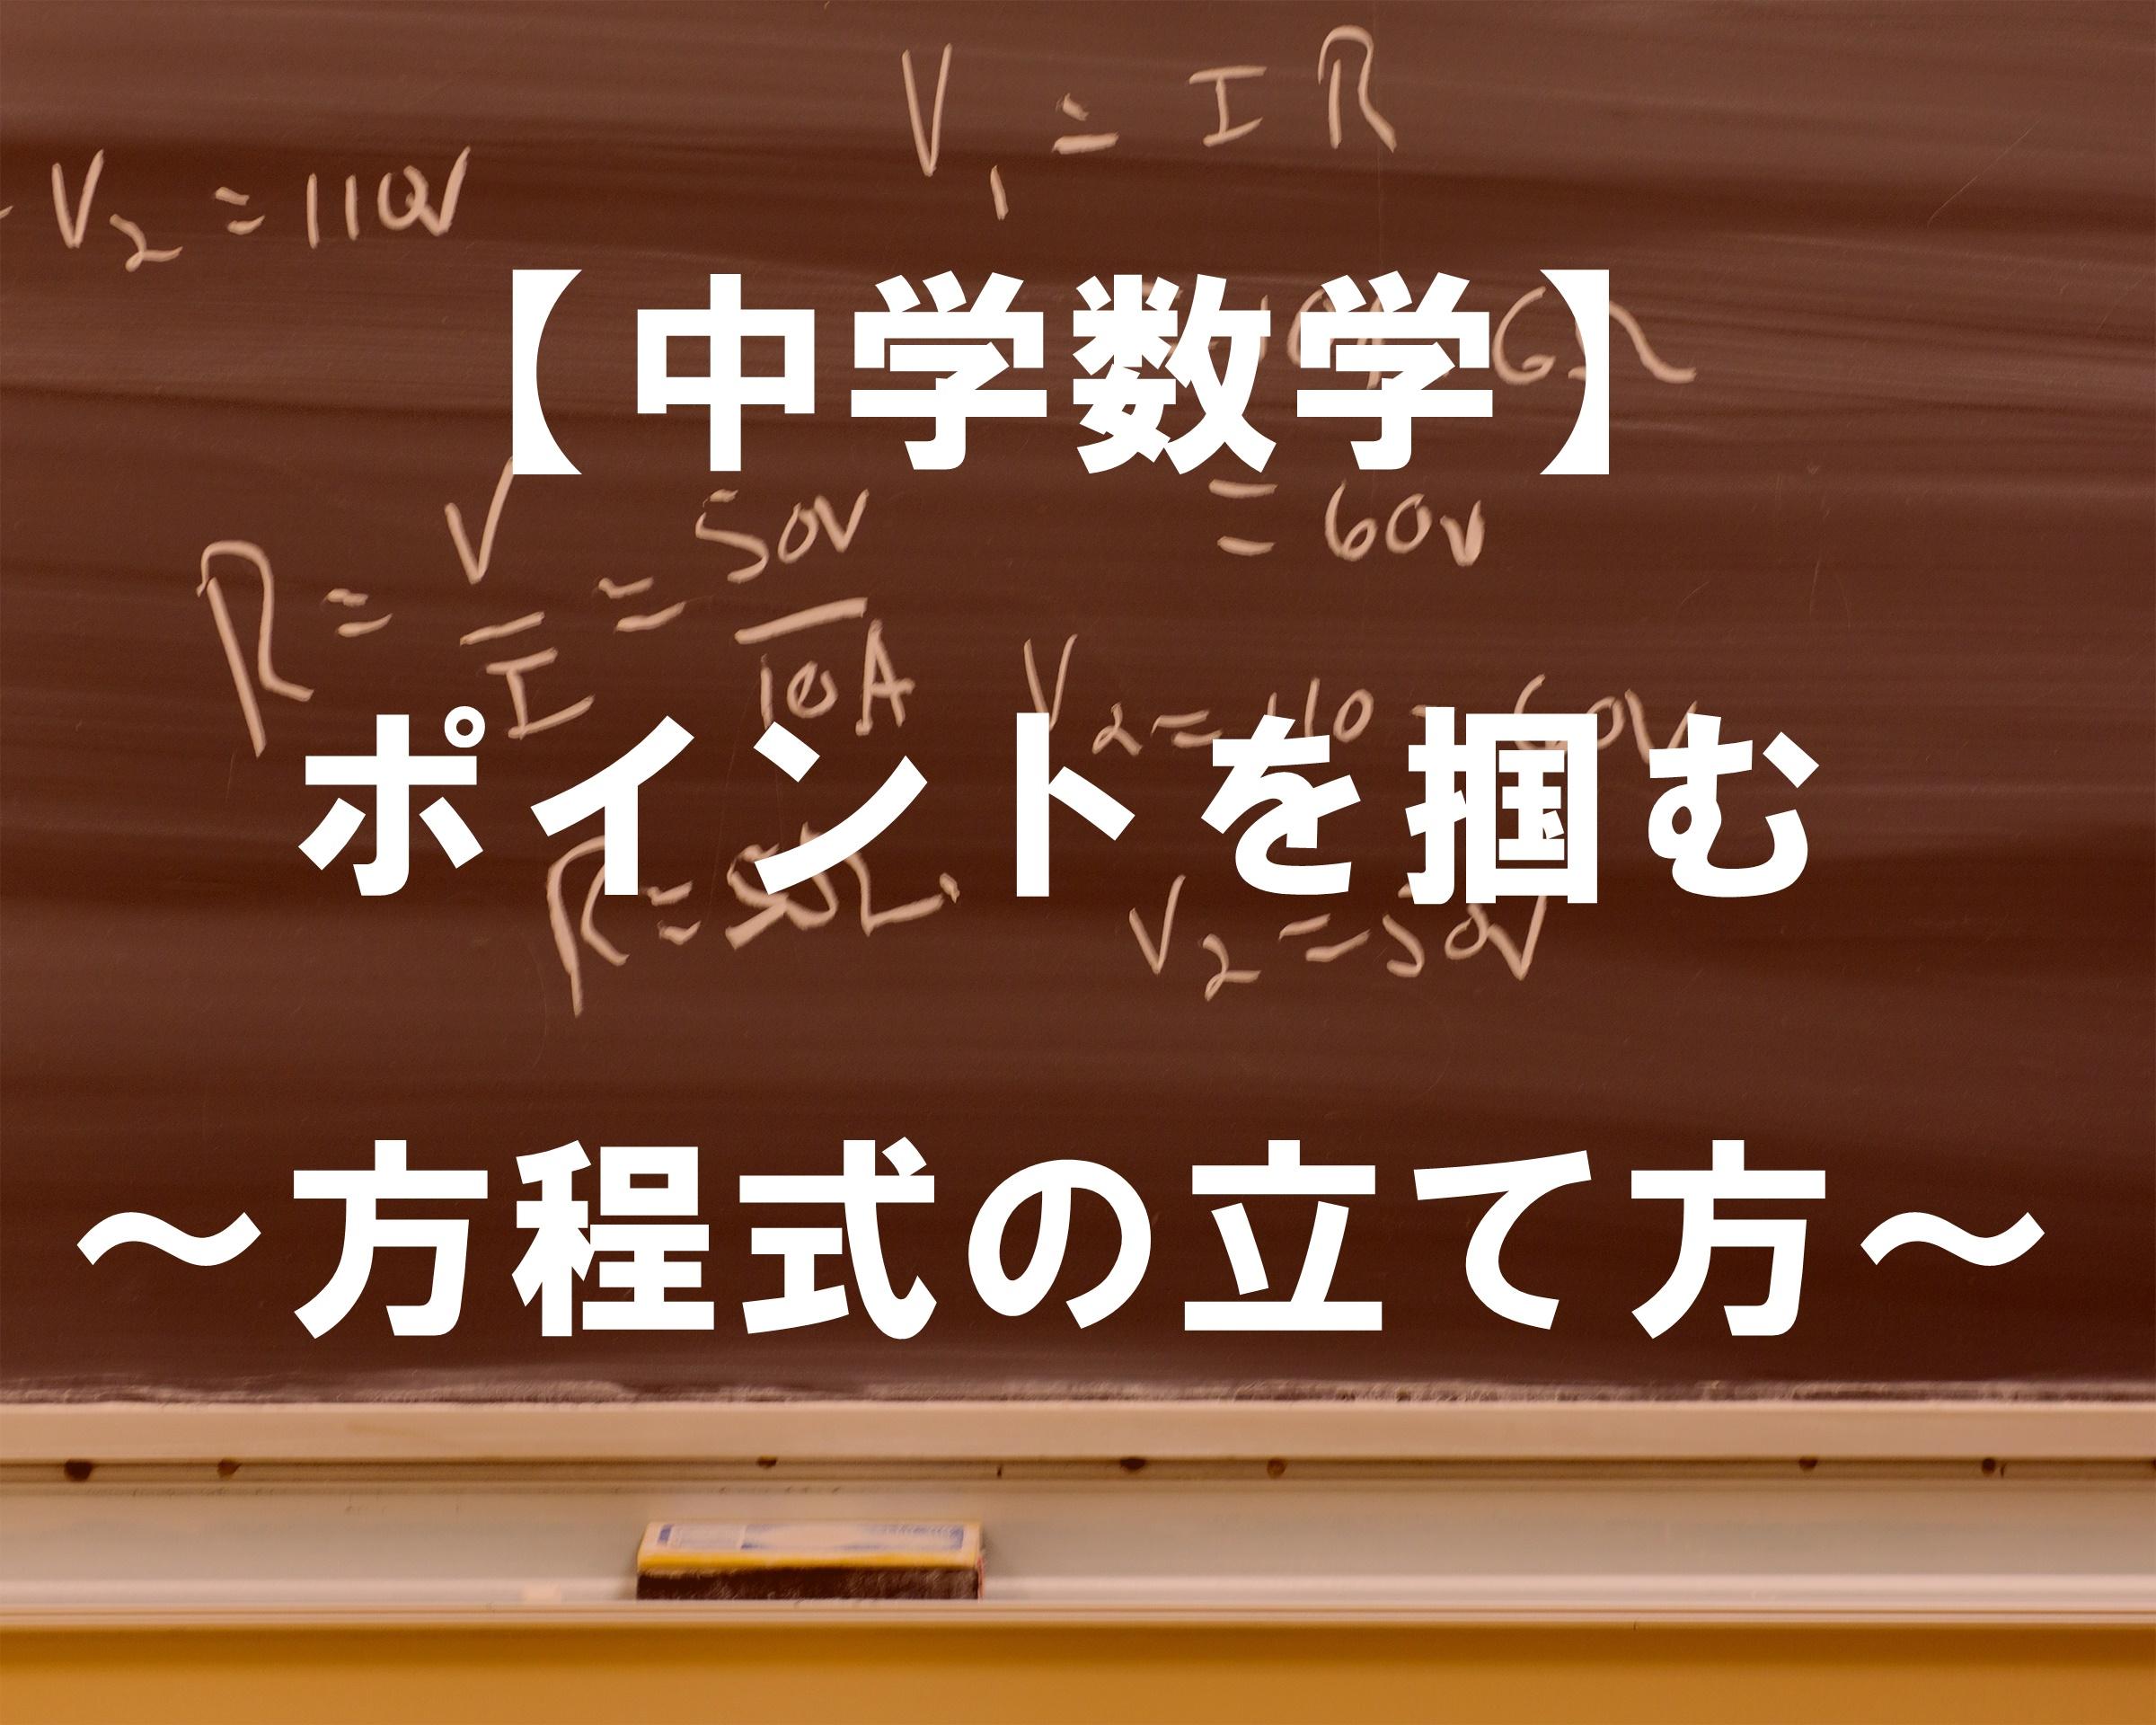 【中学数学】 ポイントを掴む~方程式の立て方~